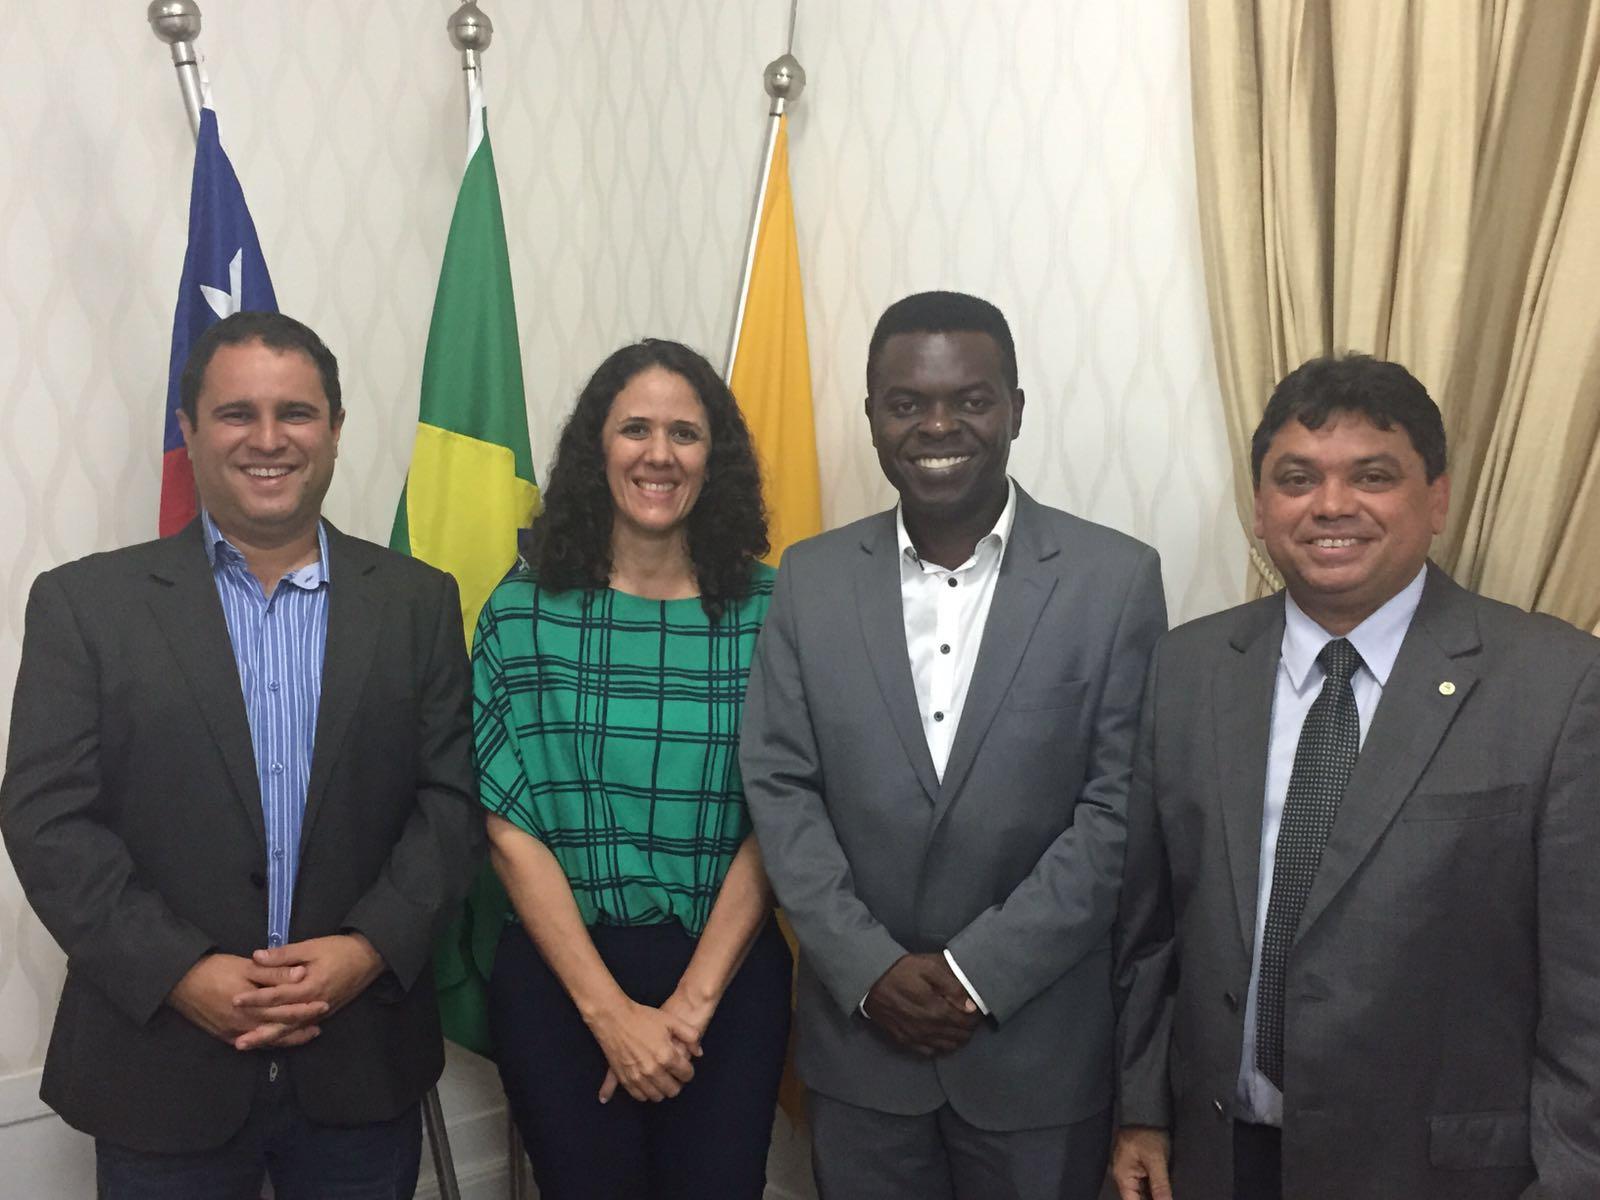 Na foto, Edivaldo Júnior, Conceição Castro, batista Matos e Márcio Jerry